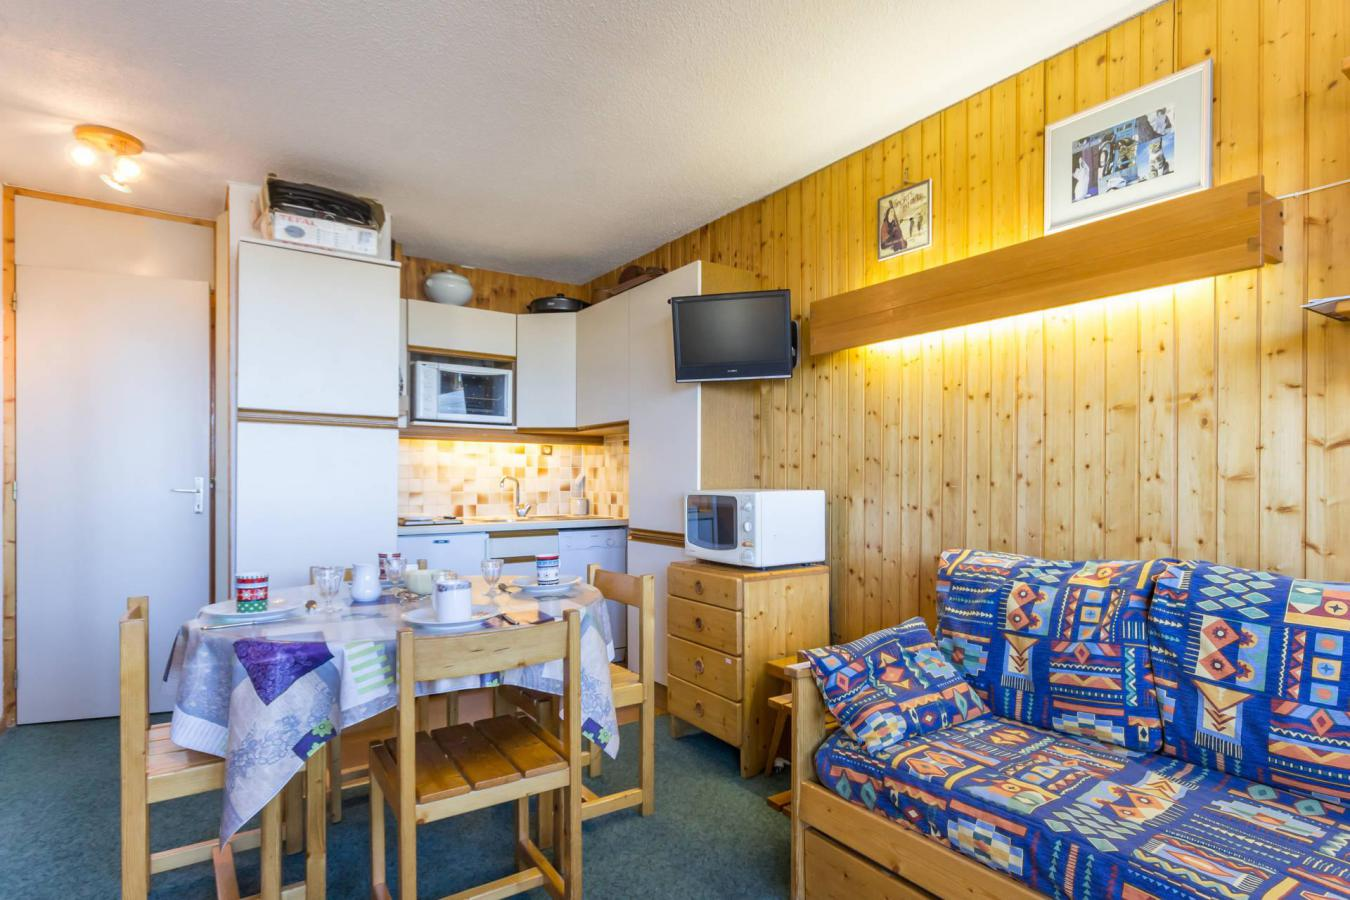 Location au ski Studio 4 personnes (21) - La Residence Aollets - La Plagne - Canapé